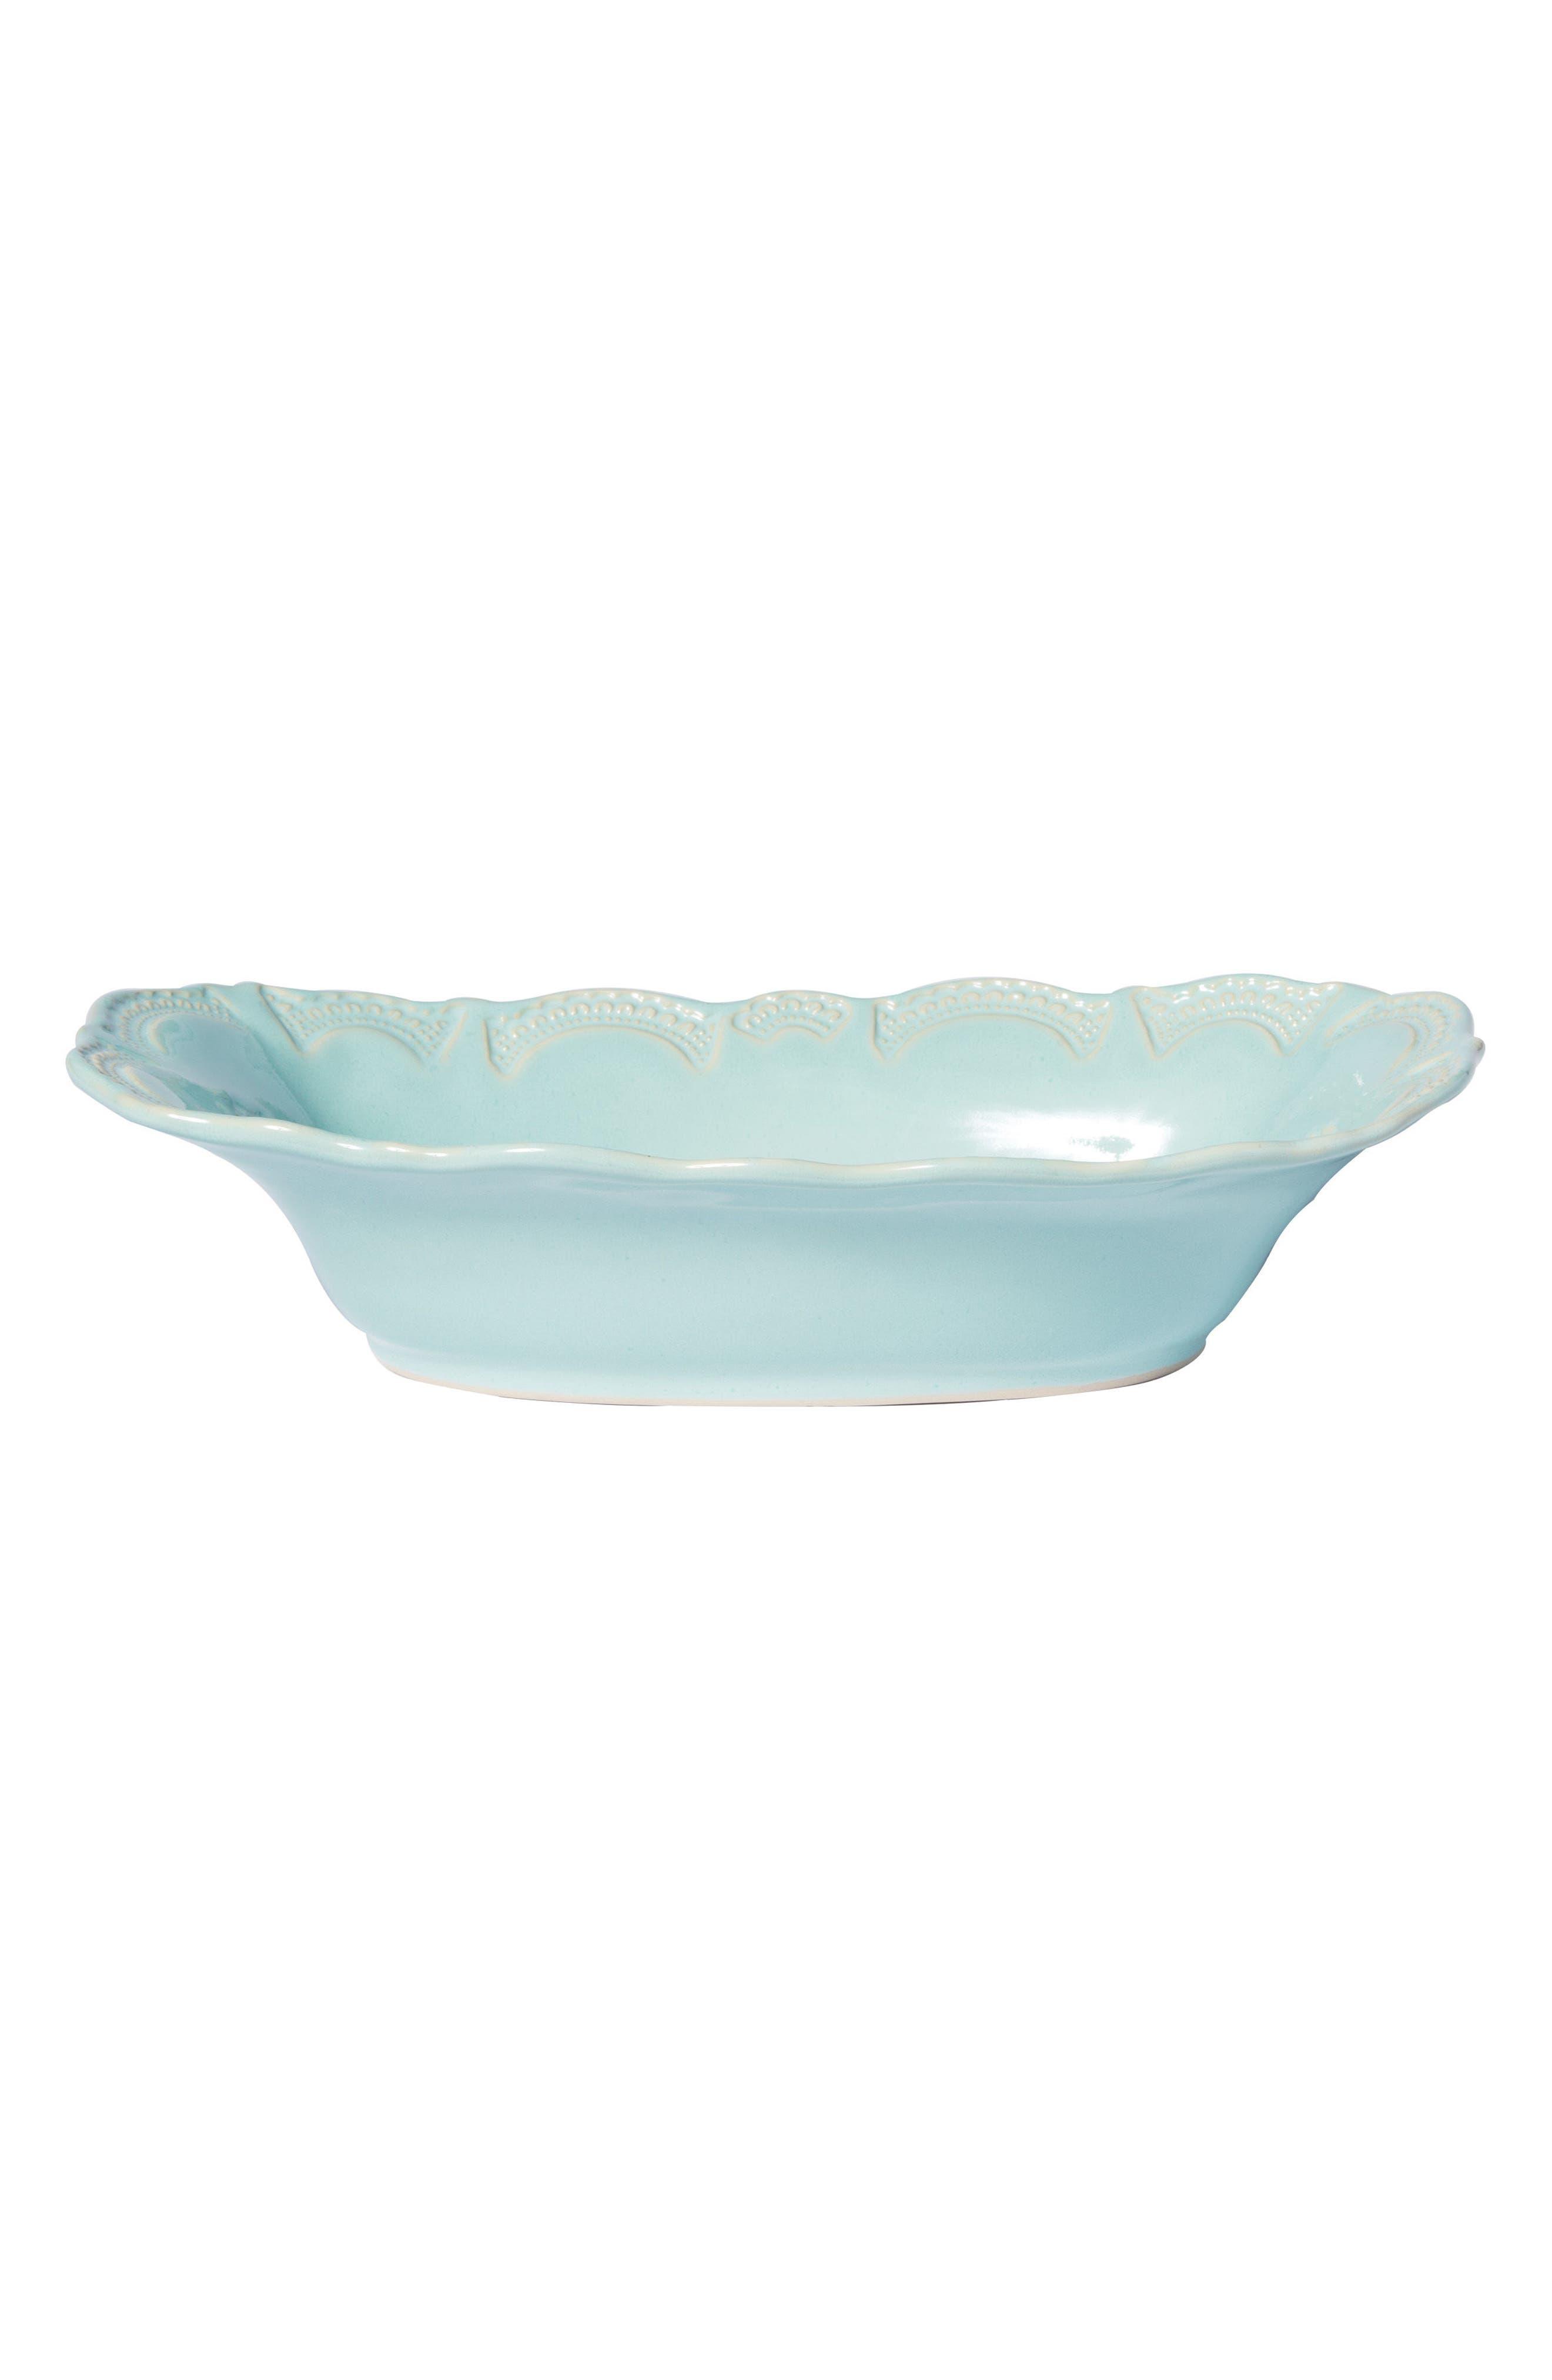 Incanto Stone Au Gratin Dish,                             Main thumbnail 1, color,                             Aqua - Large